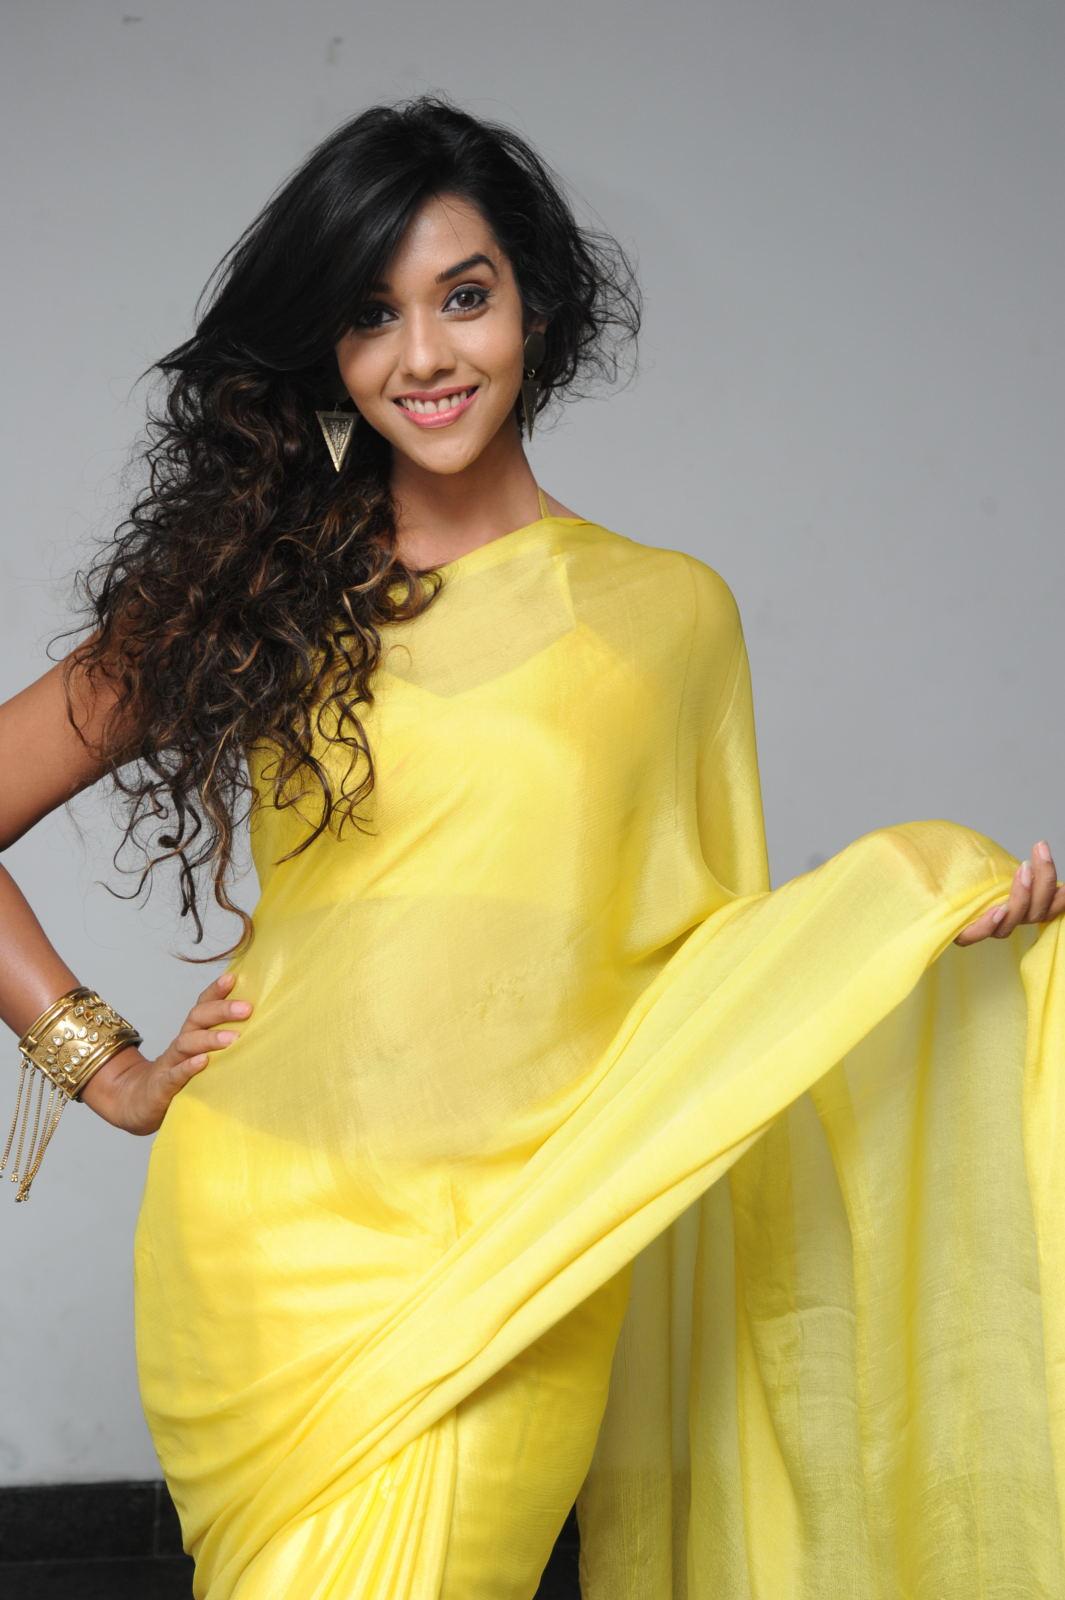 anu priya actress anu priya yellow saree photos saree photos actress